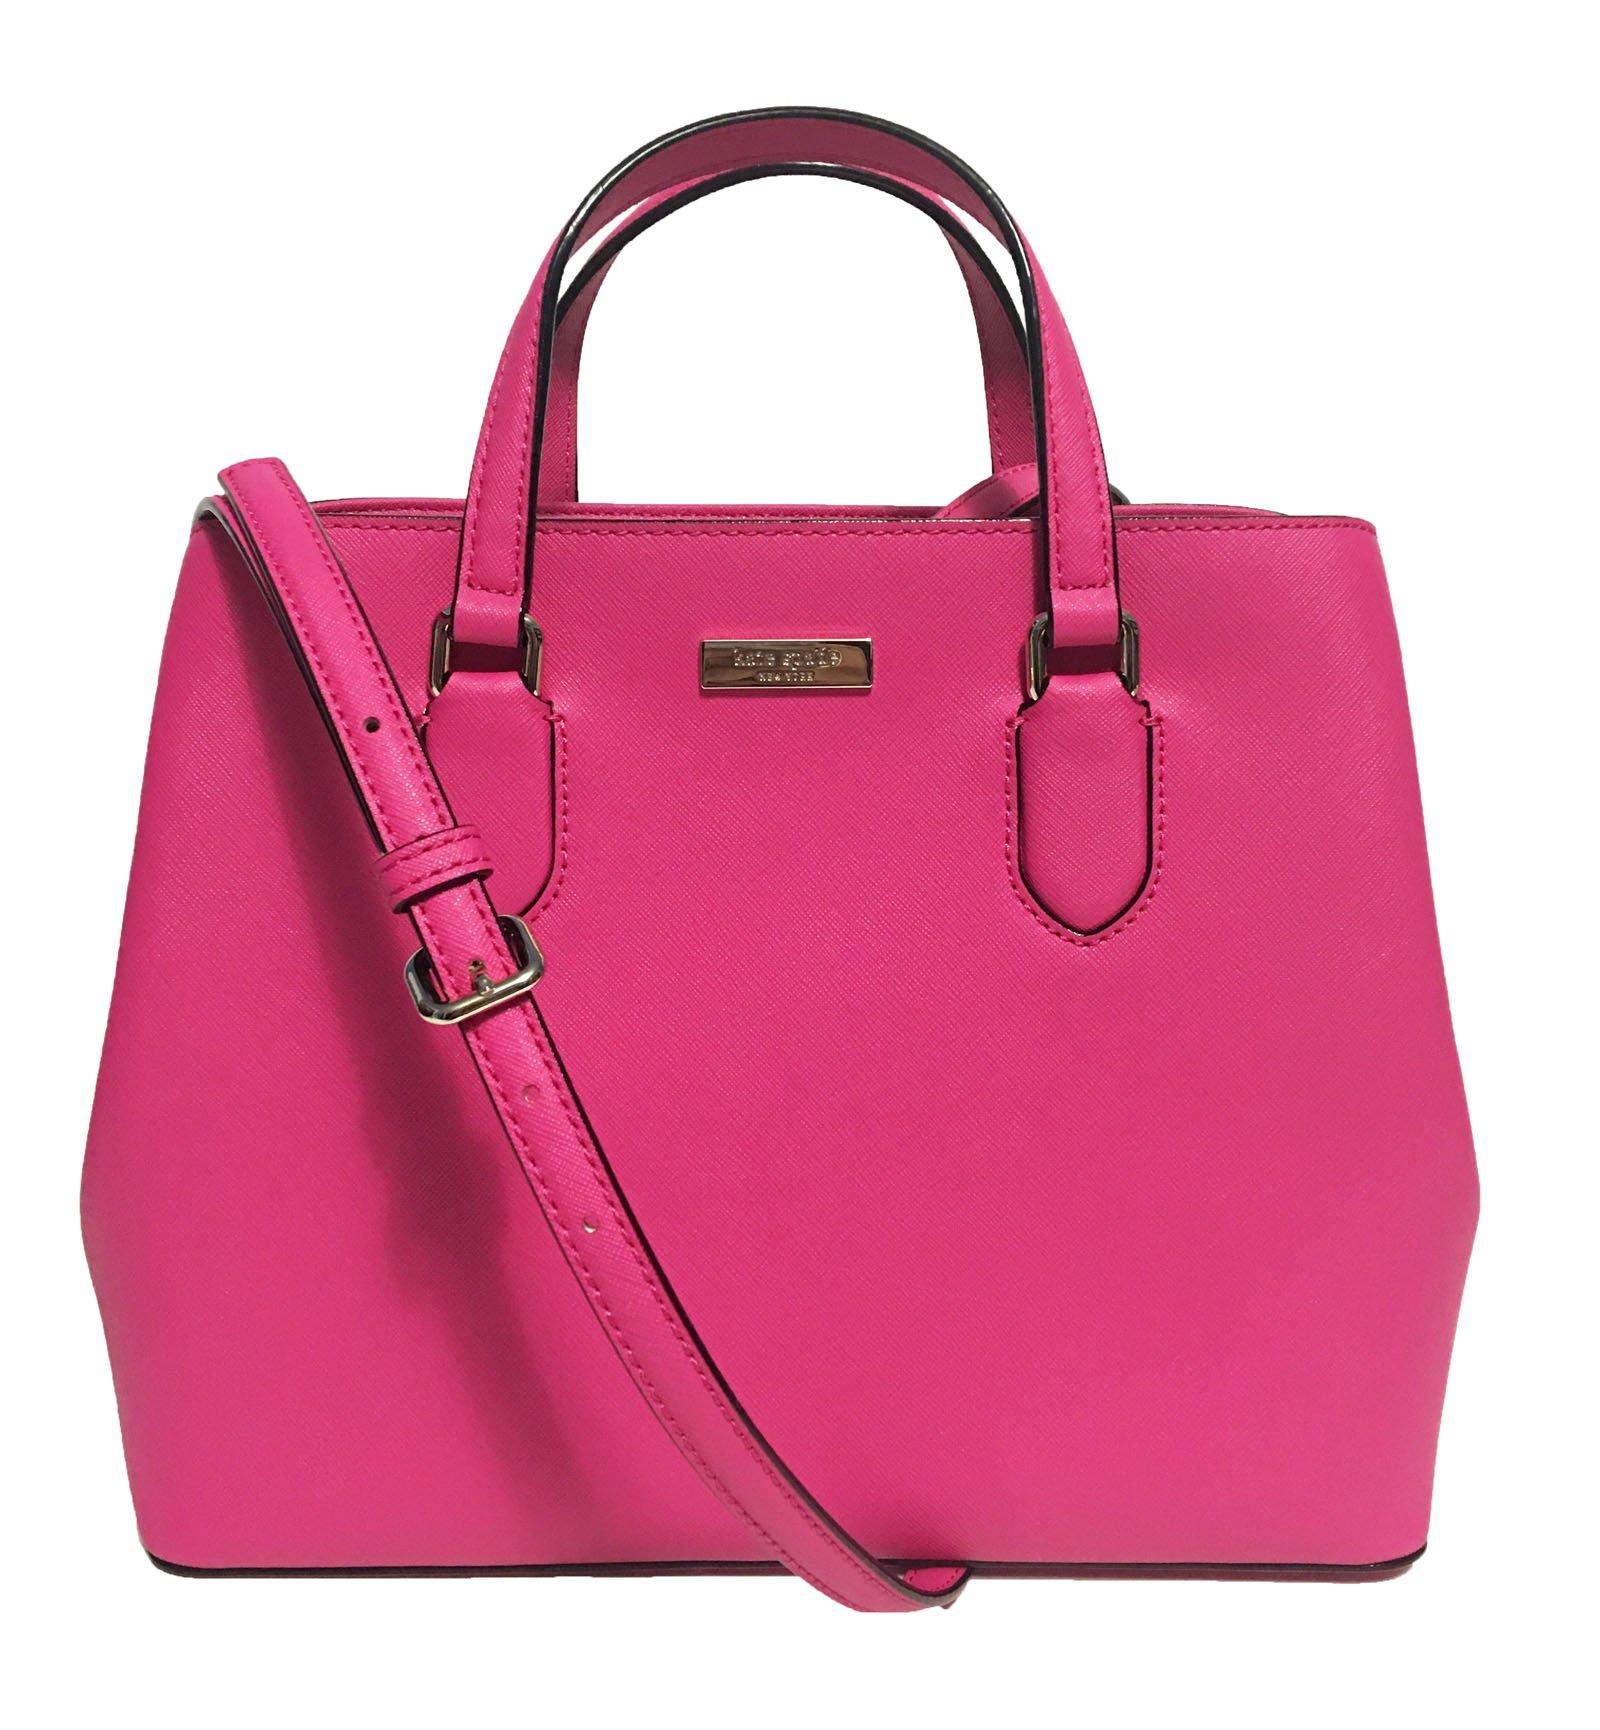 Kate Spade New York Laurel Way Evangelie Saffiano Leather Shoulder Bag Satchel (Radish)